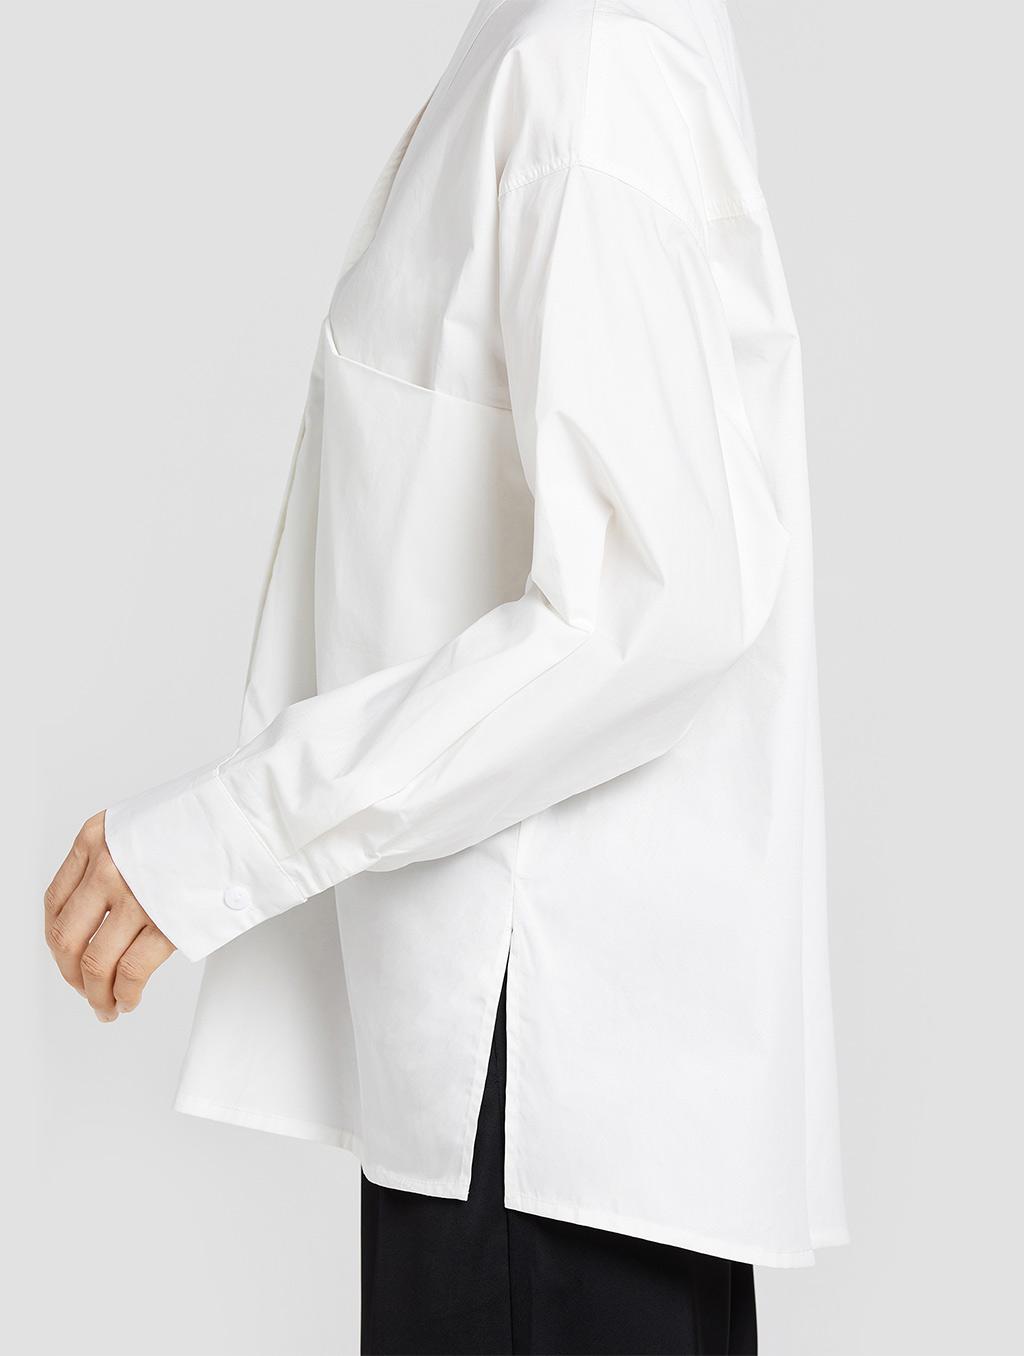 V neck panelled blouse- detail1- white